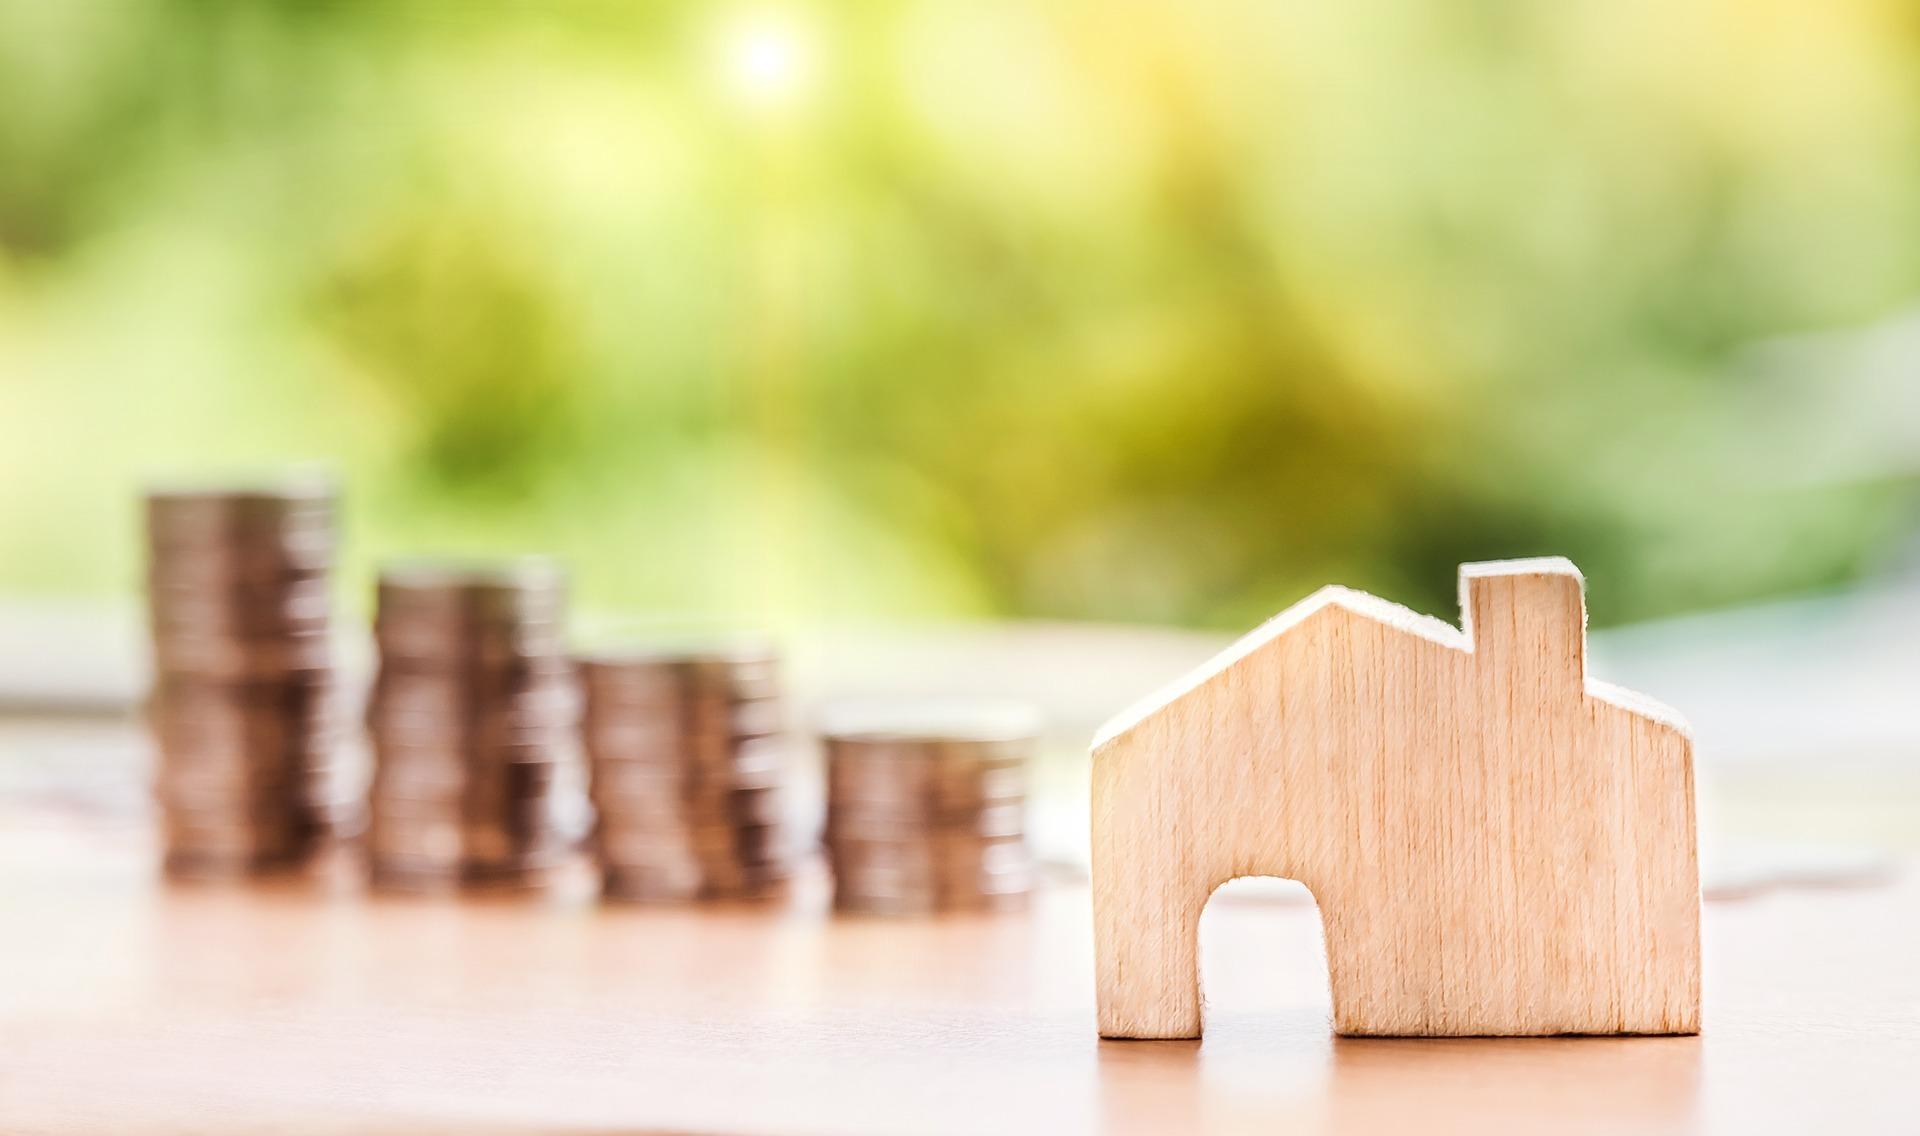 Baudarlehen: Sparpotenzial durch lange Zinsbindung auf geldsparblogger.de